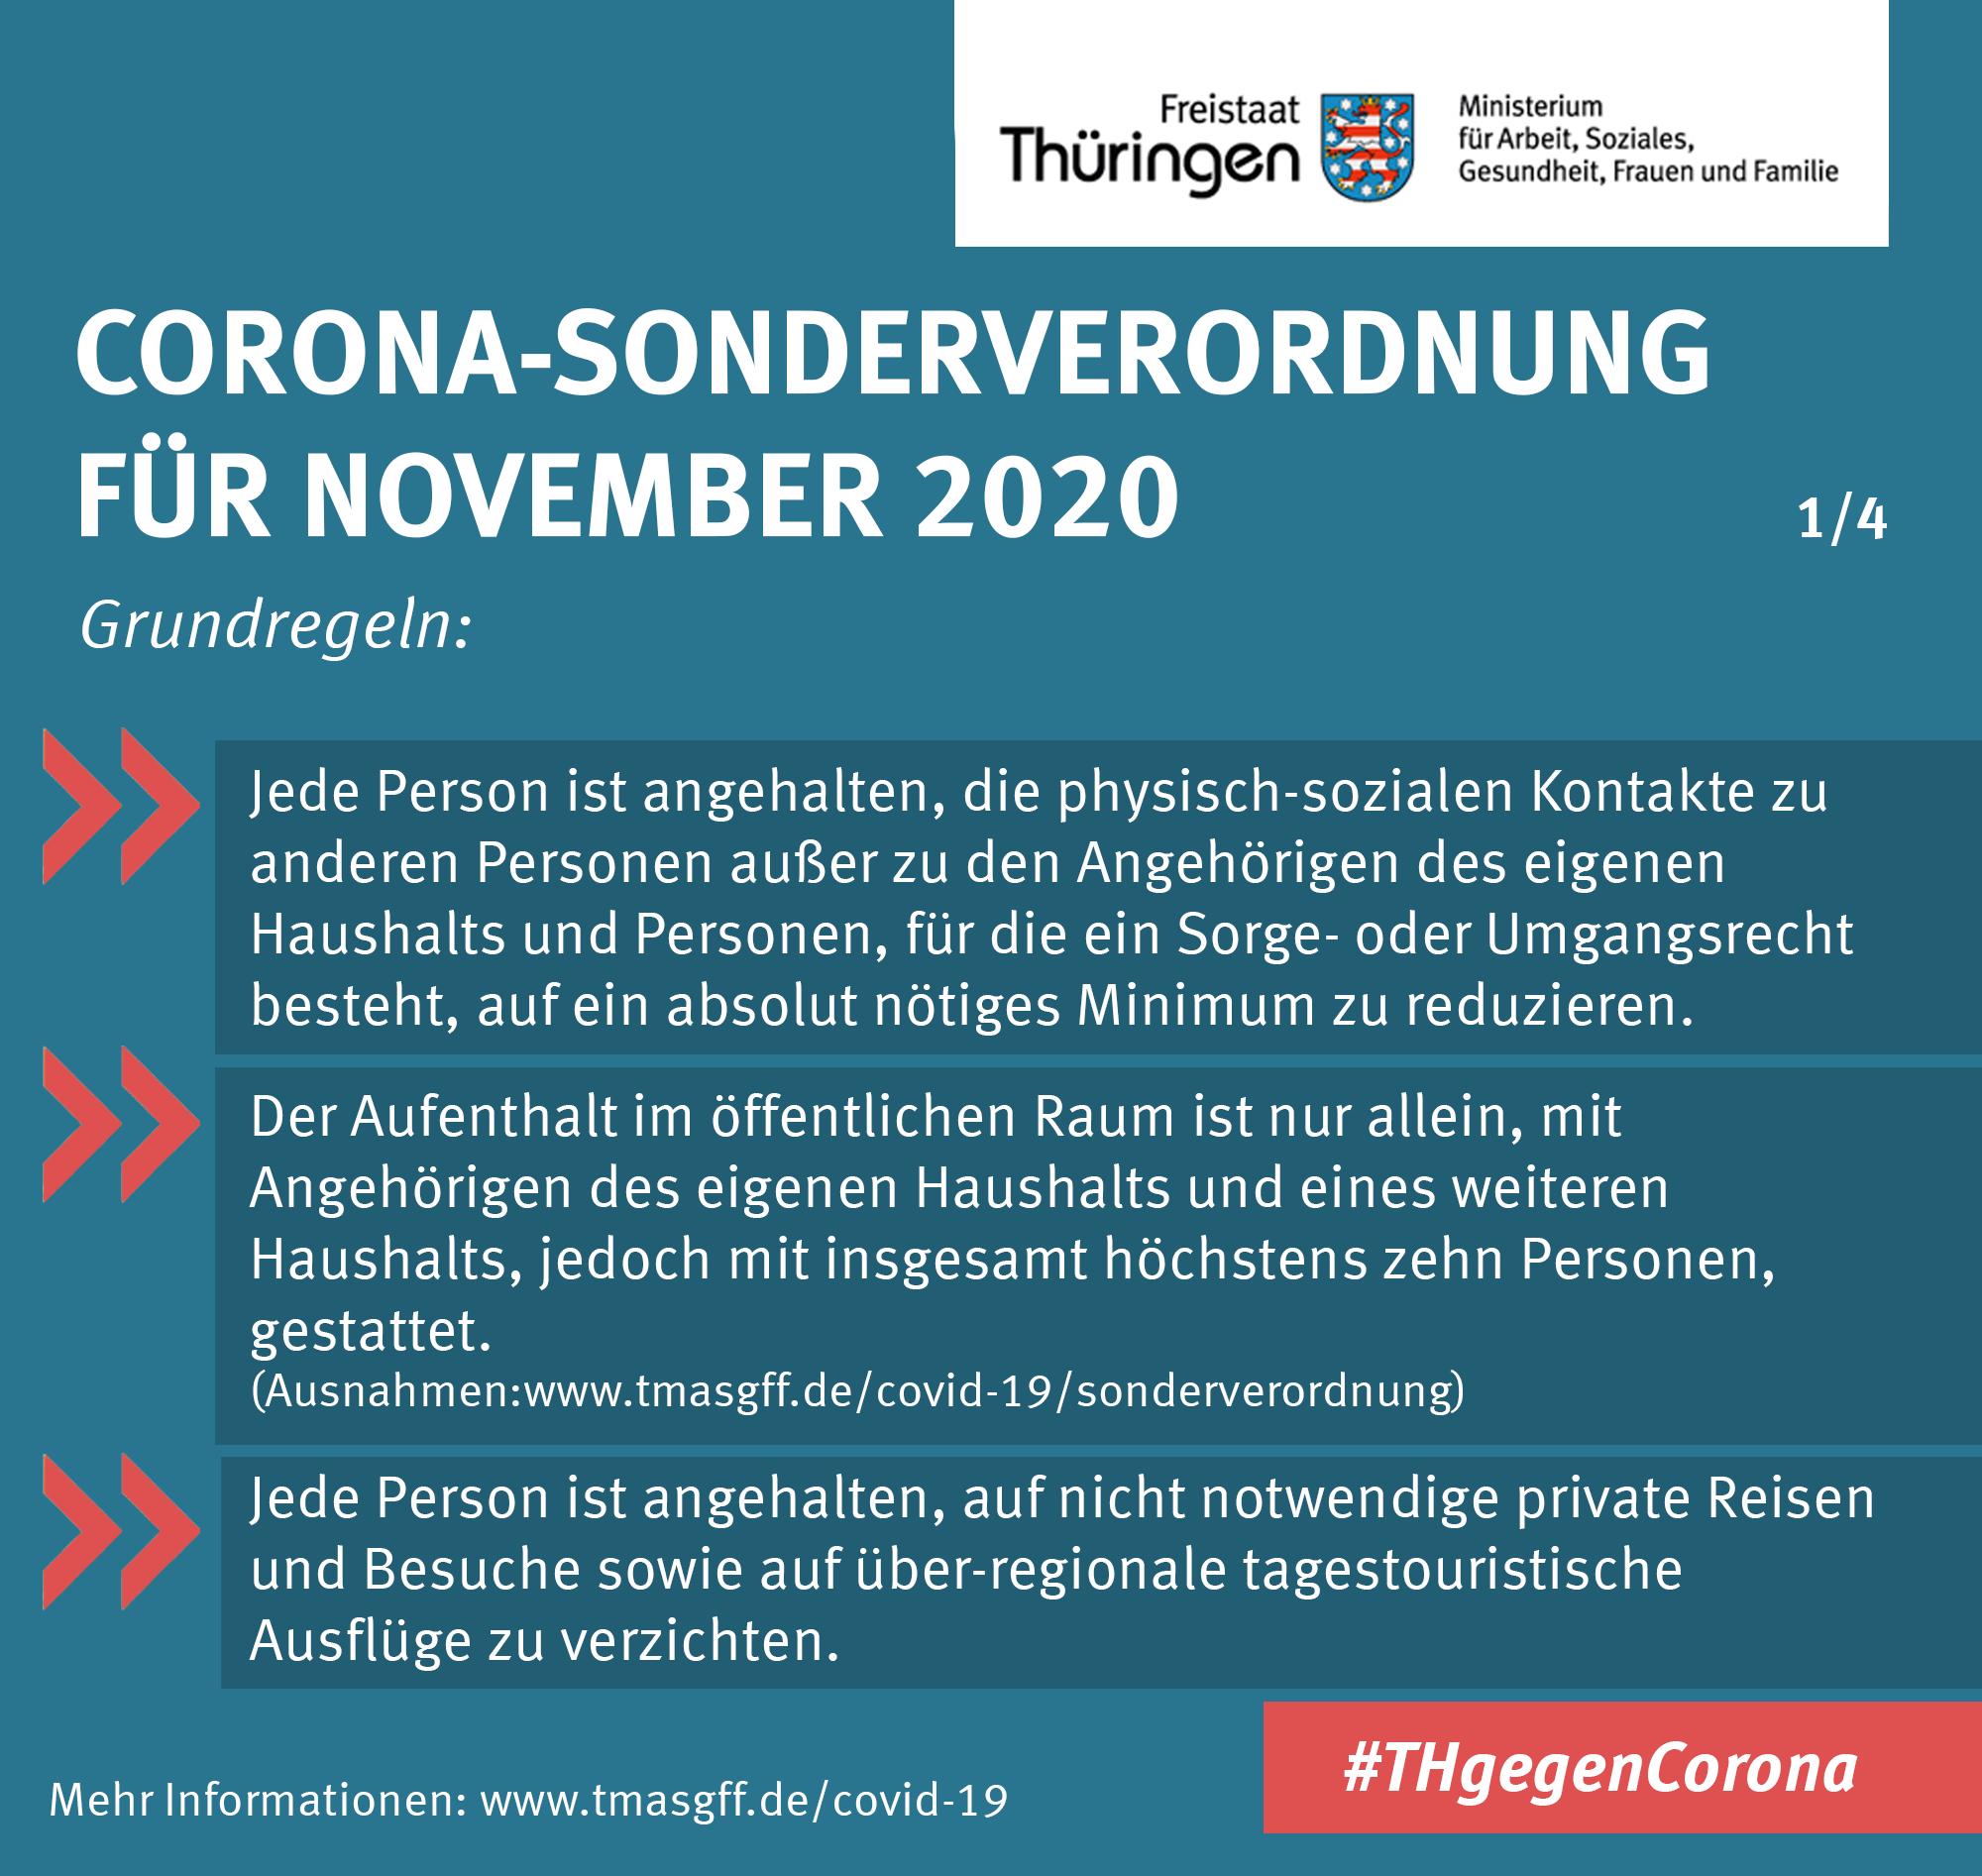 Zusammenfassung Corona-Sonderverordnung November 2020 1/4